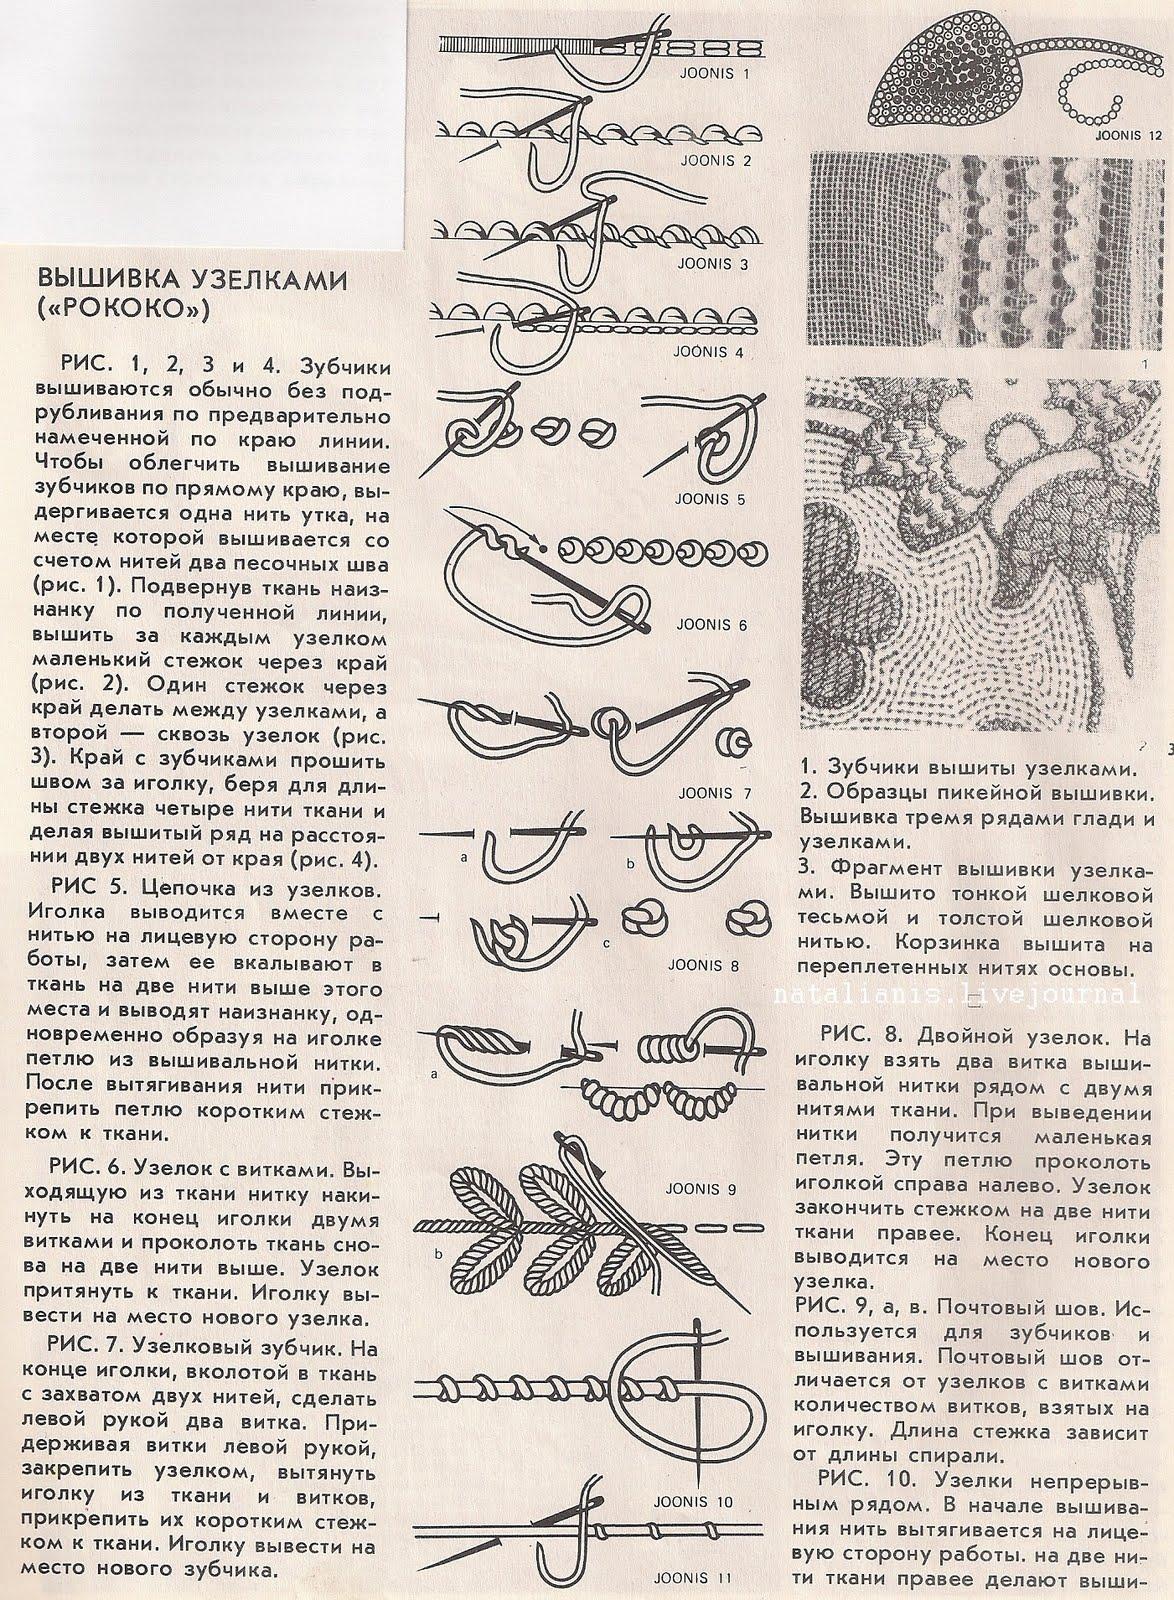 Рококо (вышивка) для начинающих: схемы и полезные советы